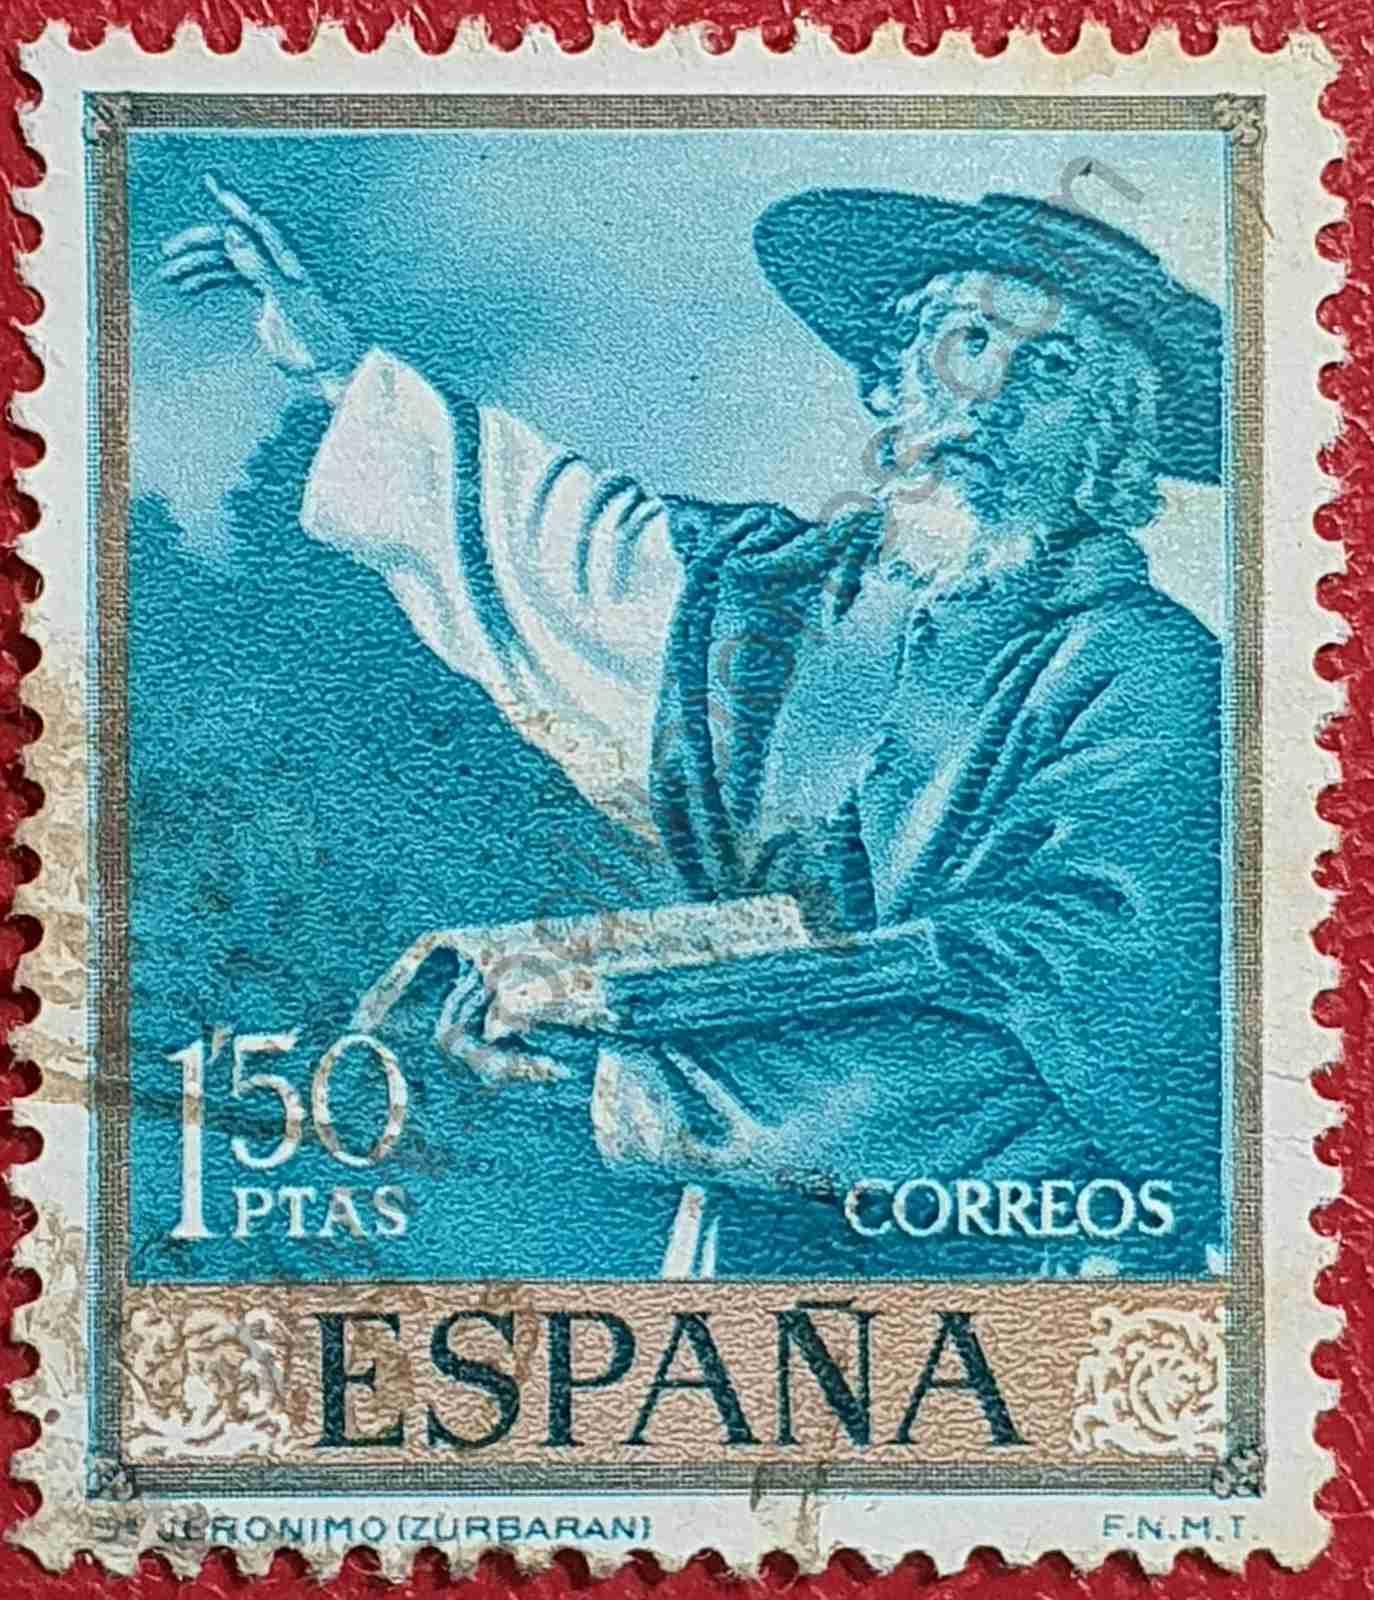 San Jerónimo - Sello de España año 1962